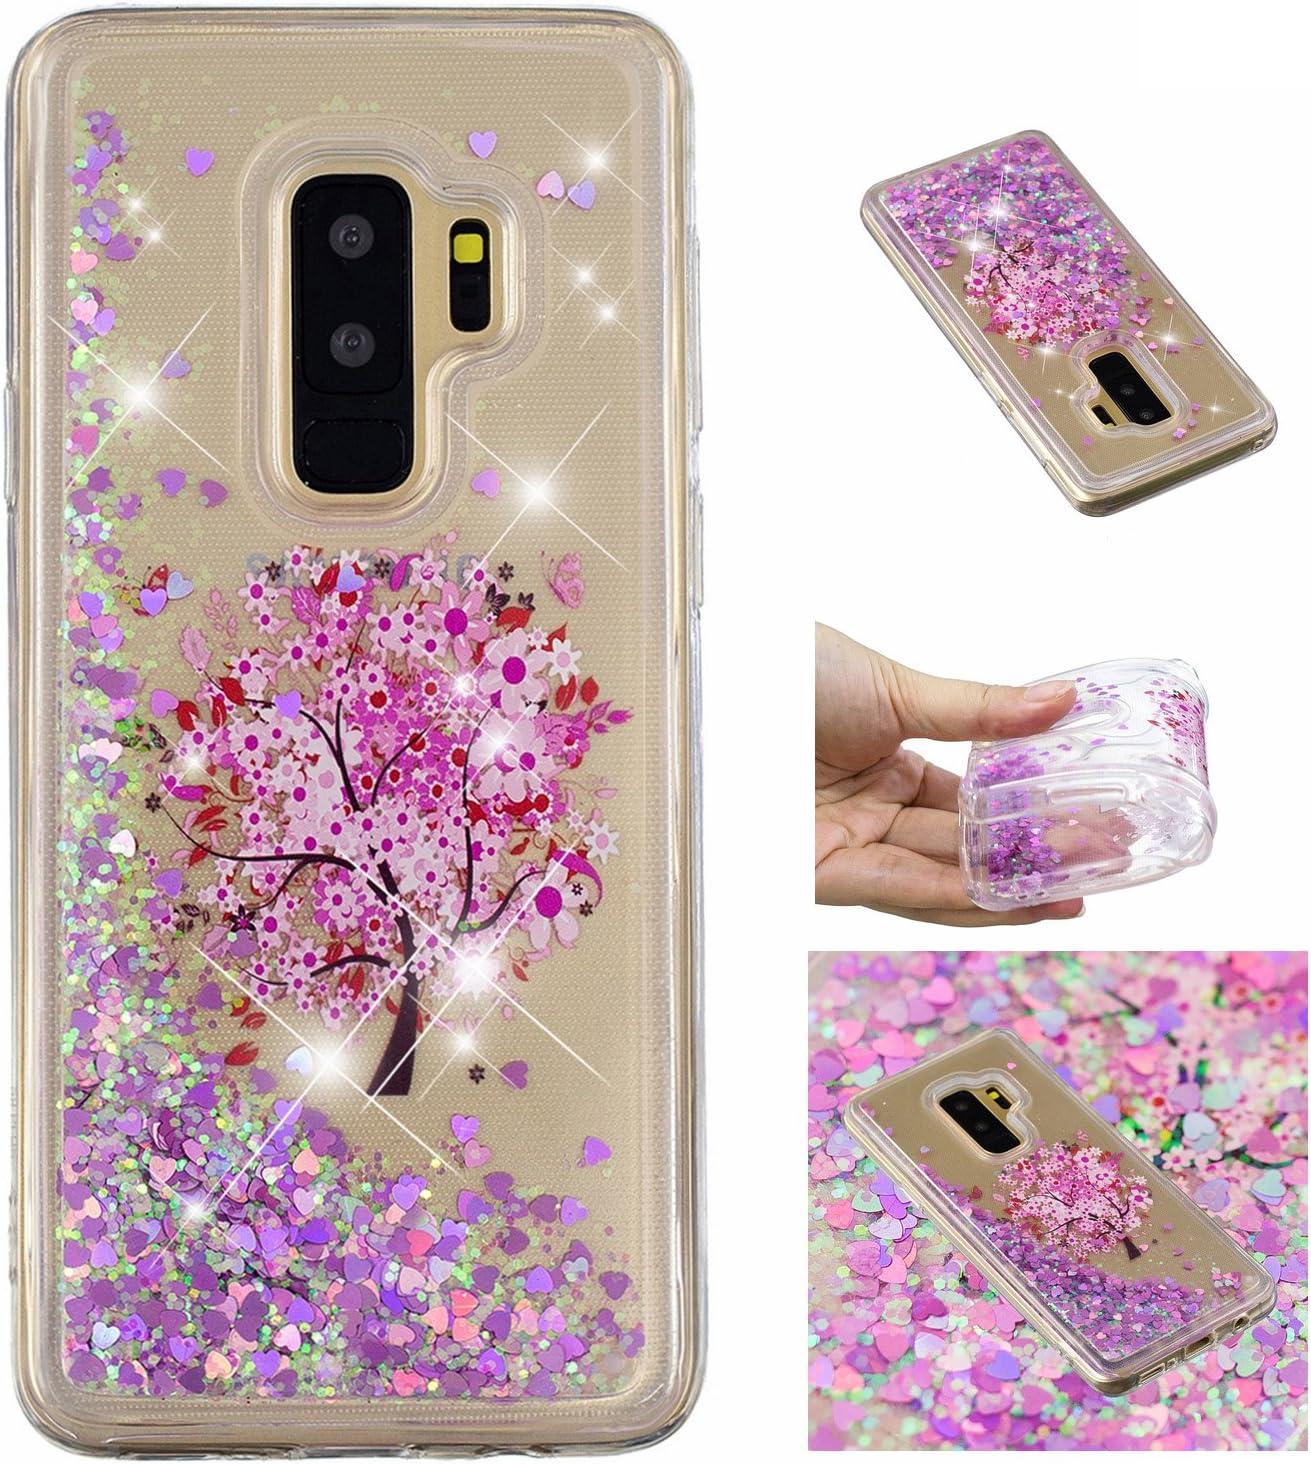 Samsung Galaxy S7 Hulle Mhhq Kristall Funkeln Glitzer Laser